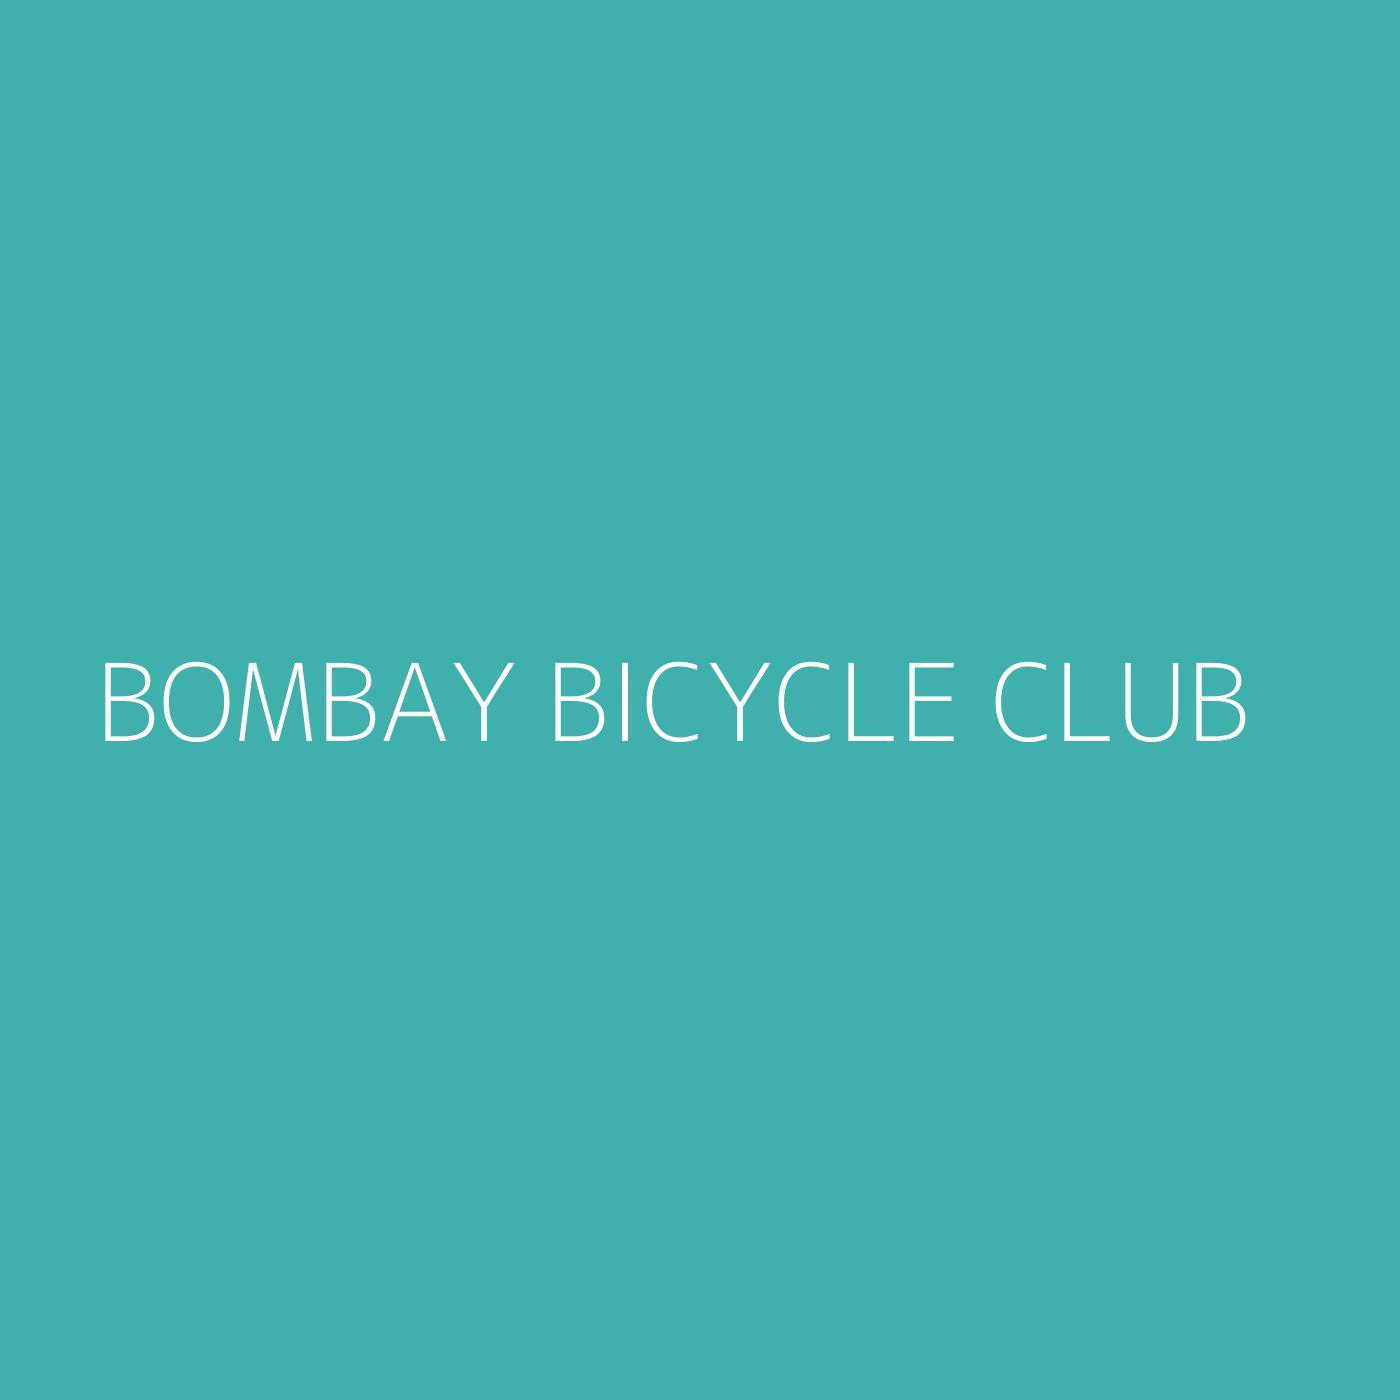 Bombay Bicycle Club Playlist Artwork